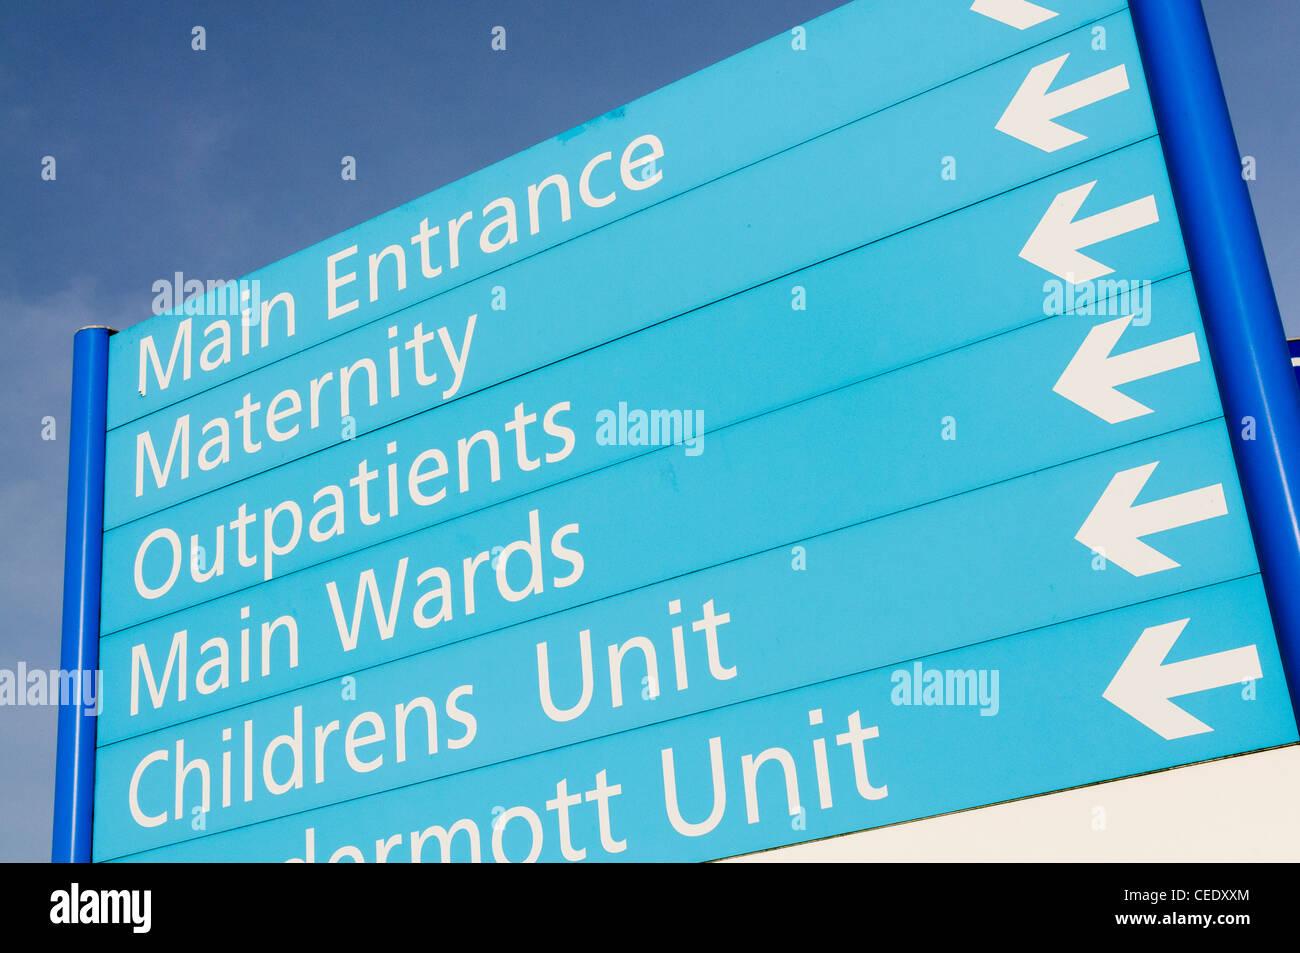 Krankenhaus-Zeichen für Mutterschaft, ambulant, Stationen und Kinder Einheit Stockbild